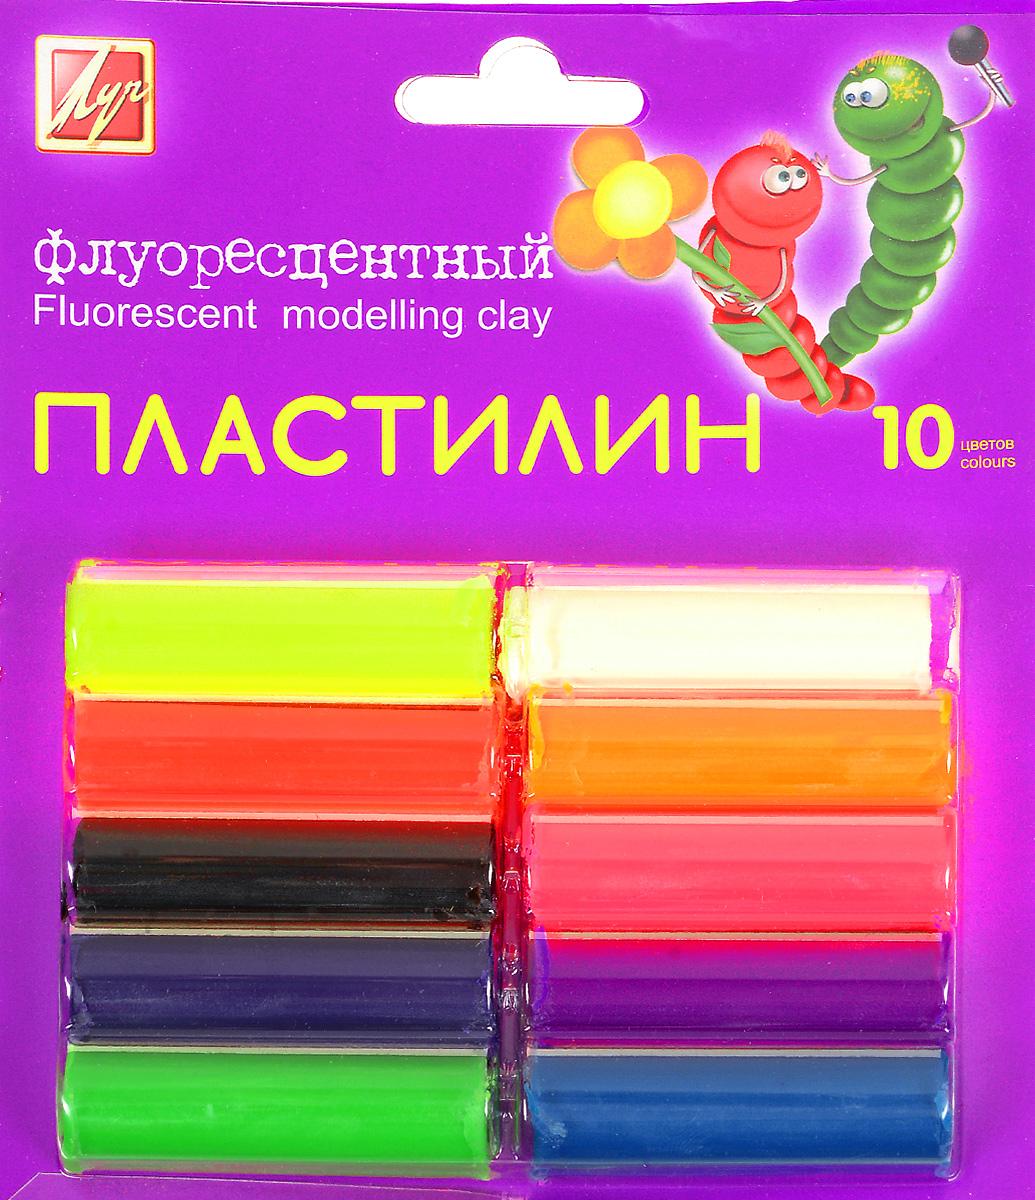 Луч Пластилин флуоресцентный 10 цветов12С 766-08Флуоресцентный пластилин Луч предназначен для лепки и моделирования. Его можно использовать как для объемной лепки, так и для плоскостных работ практически на любой поверхности, так как он великолепно разносится подушечками пальцев по плоскости рисунка. Лепка из пластилина не только доставляет удовольствие, но и способствует снятию мышечного и психического напряжения, развитию мелкой моторики рук и пространственного мышления. Пластилин изготовлен из высококачественных компонентов с добавлением флуоресцентных пигментов и наполнителей, поэтому он не липнет к рукам, не оставляет жирных пятен. В набор входят 10 цветов. Общая масса пластилина: 130 г.